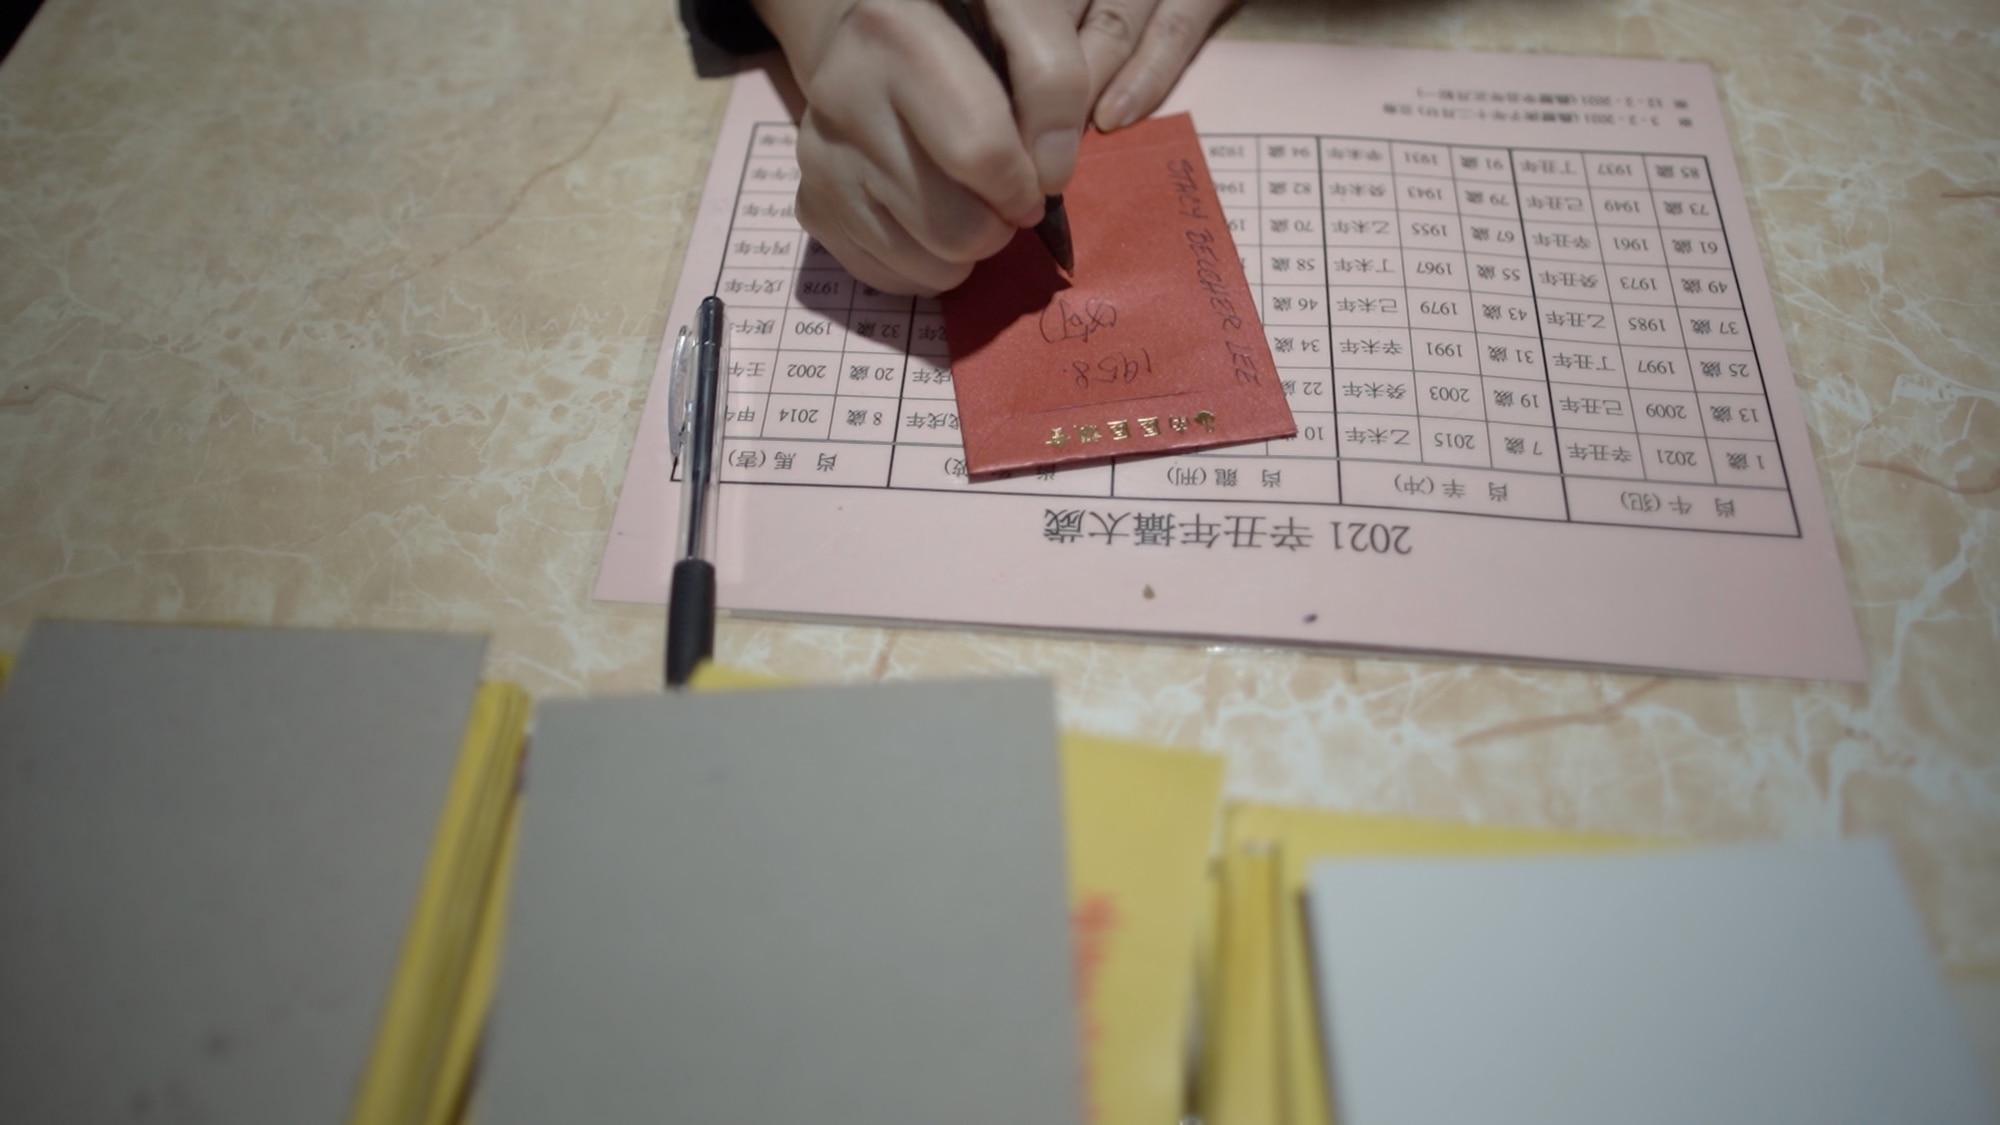 Stacy écrit son année de naissance et son signe du zodiaque sur le paquet rouge.